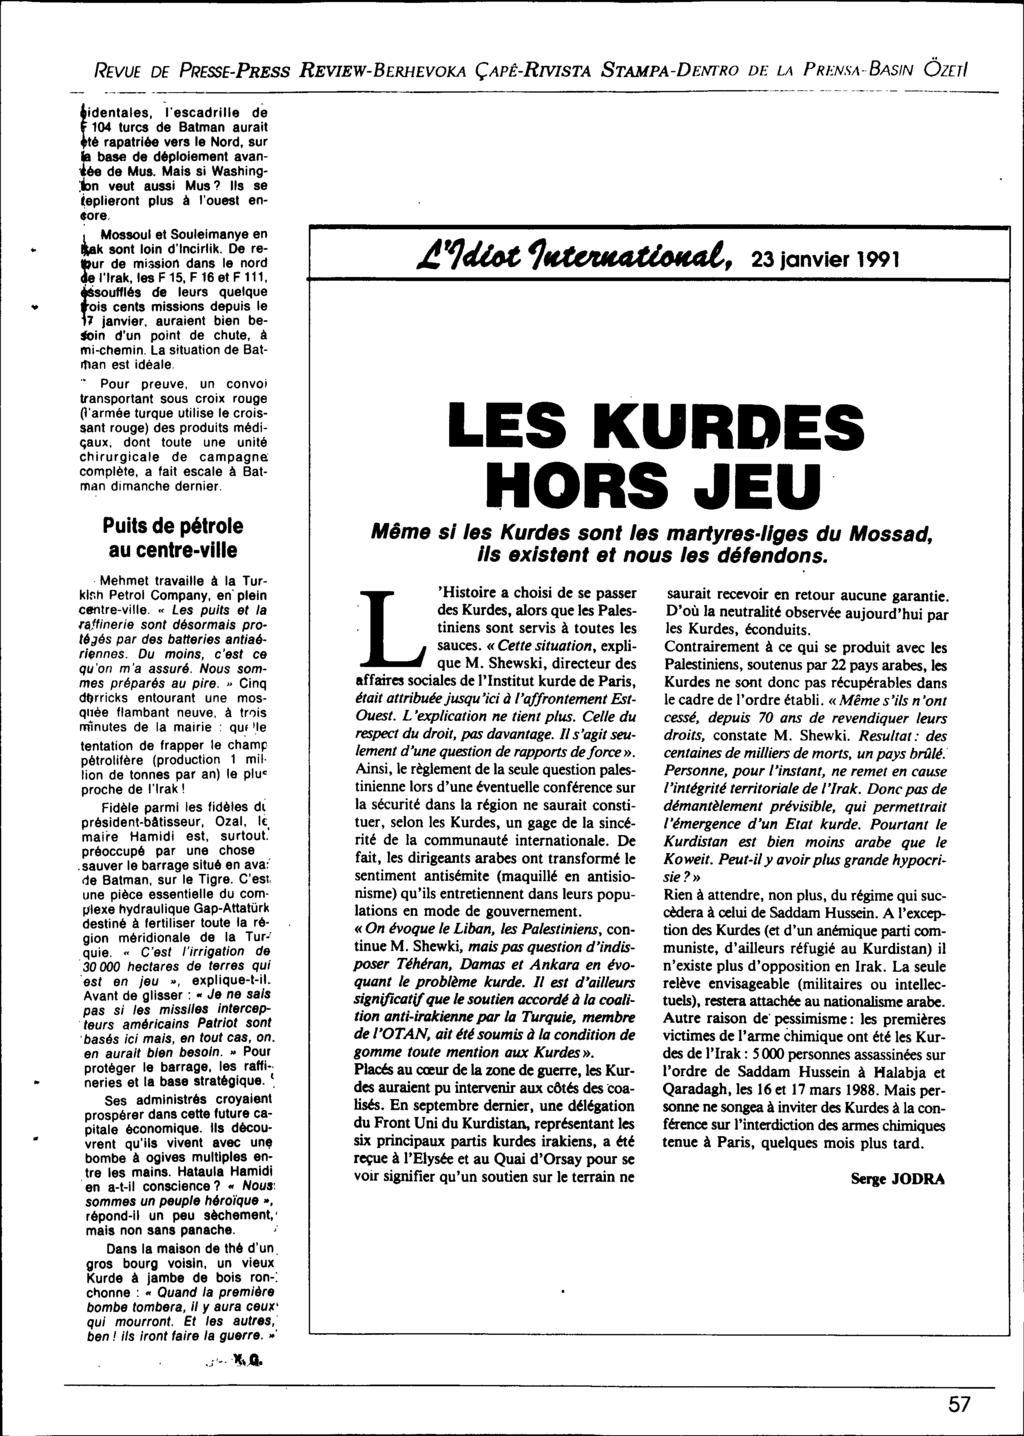 Institut Urd De Paris. Bulletin De Liaison Et D'rmation avec Mot Croiser